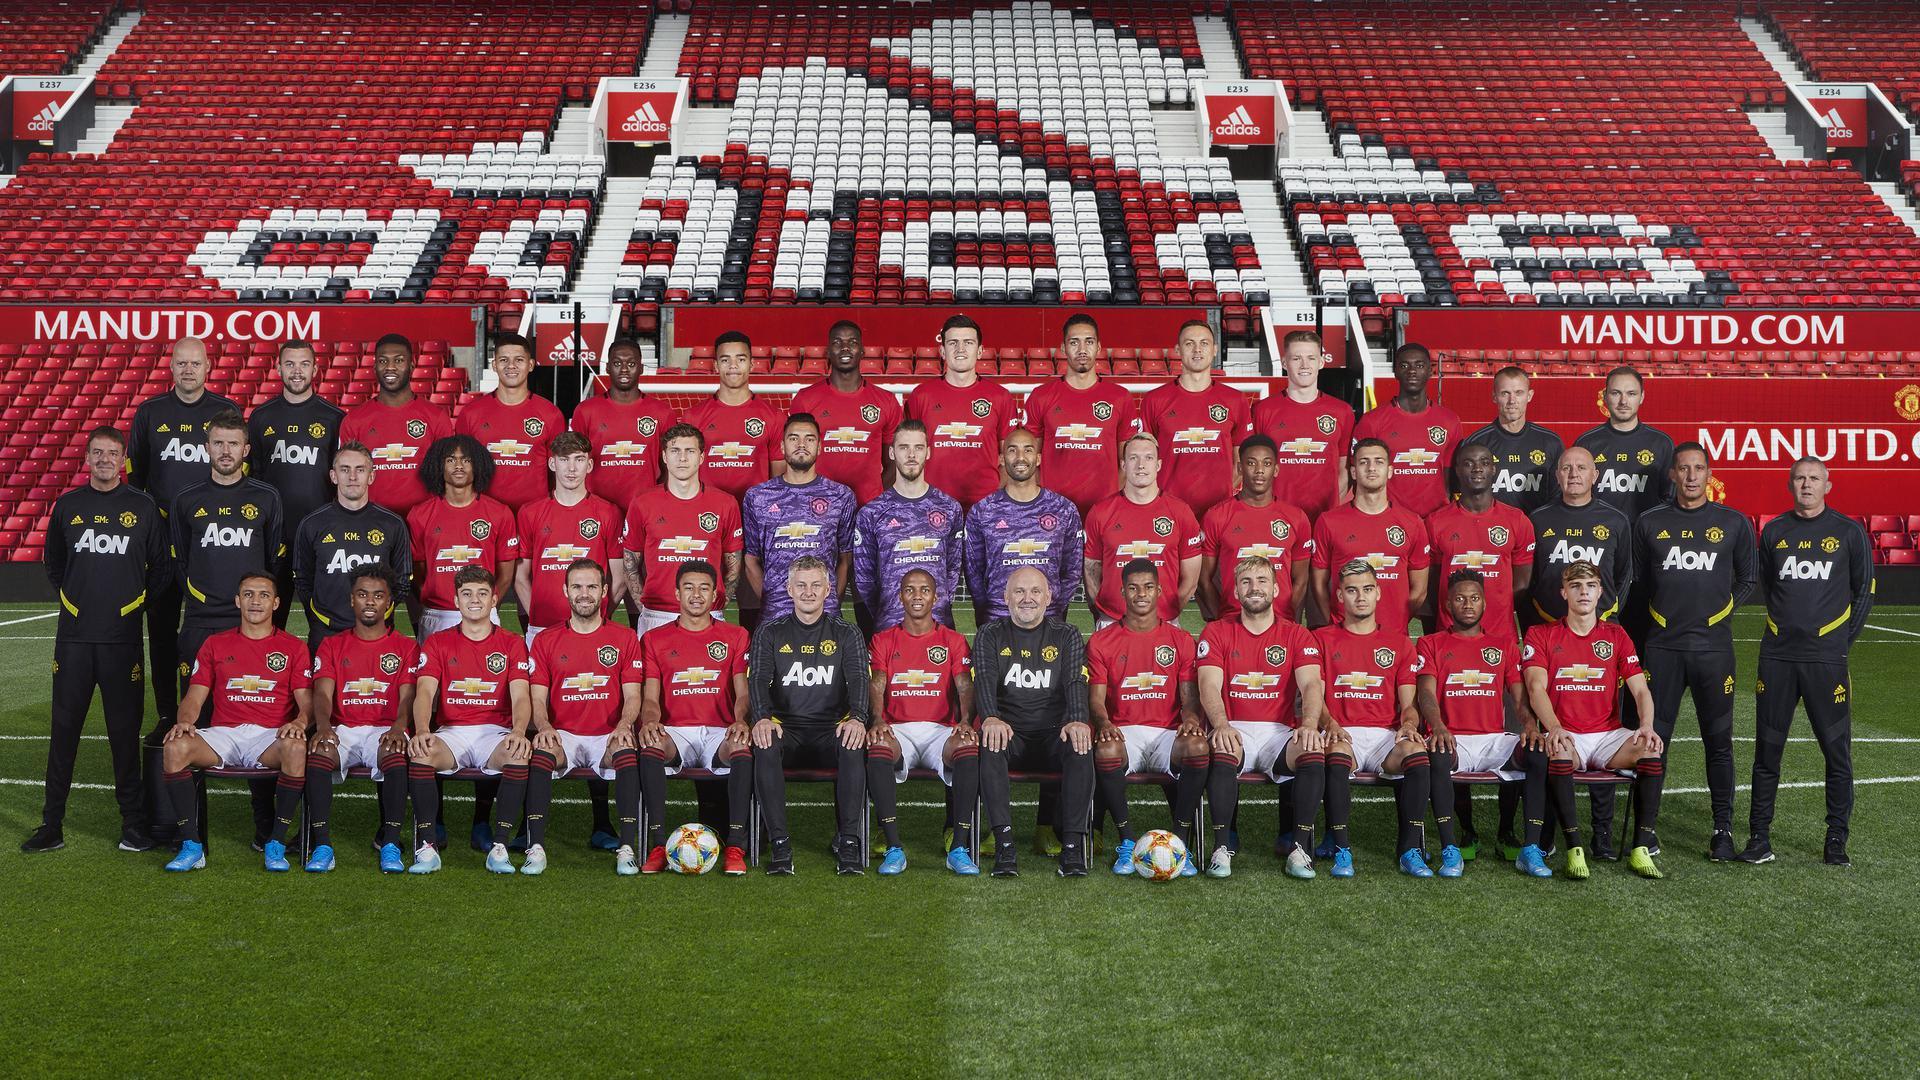 Футбольный Клуб Манчестер Юнайтед, состав команды